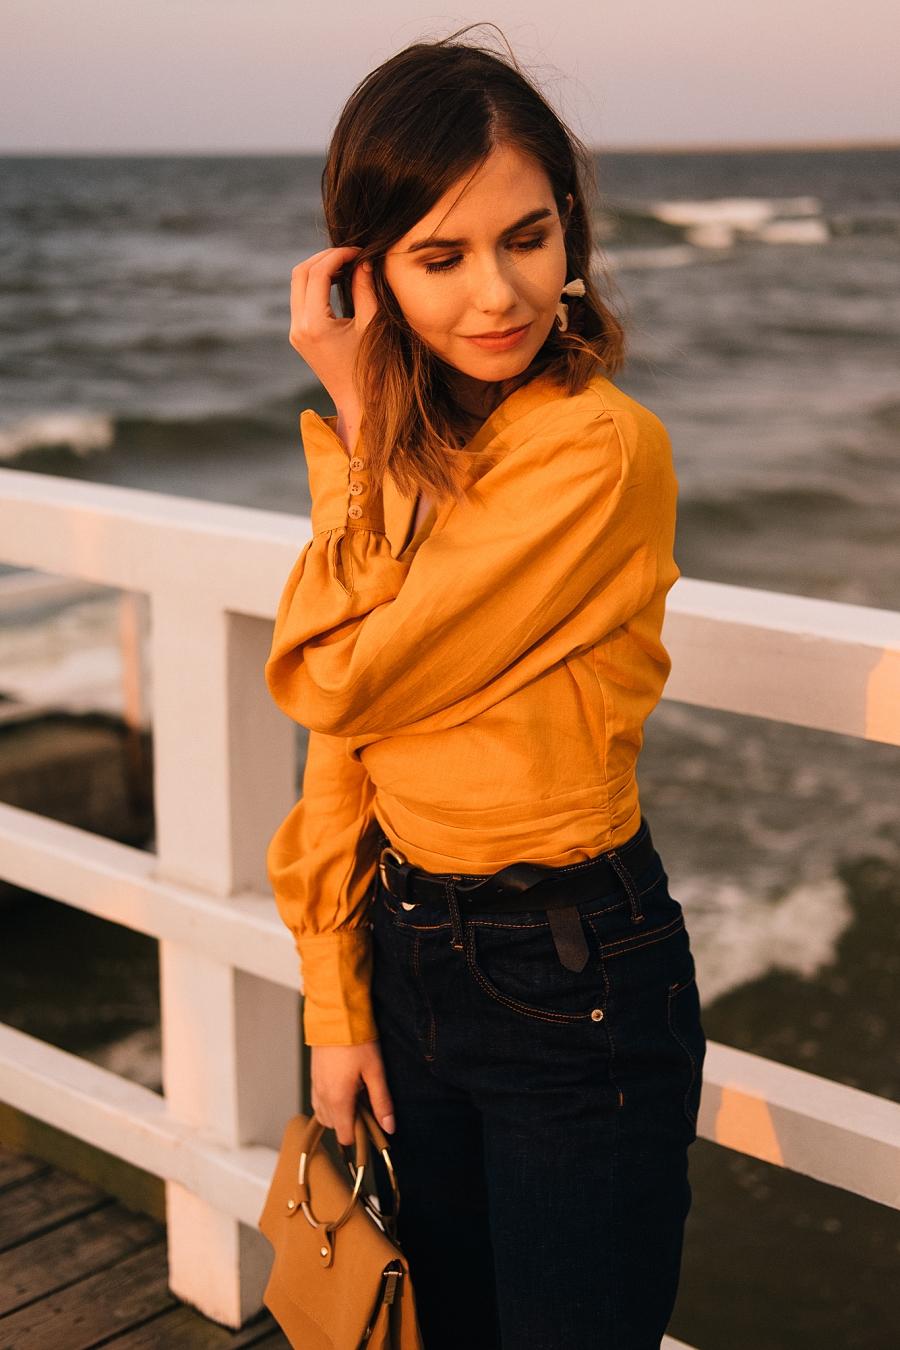 klasyczne jeansy i miodowa bluzka wiązana w pasie